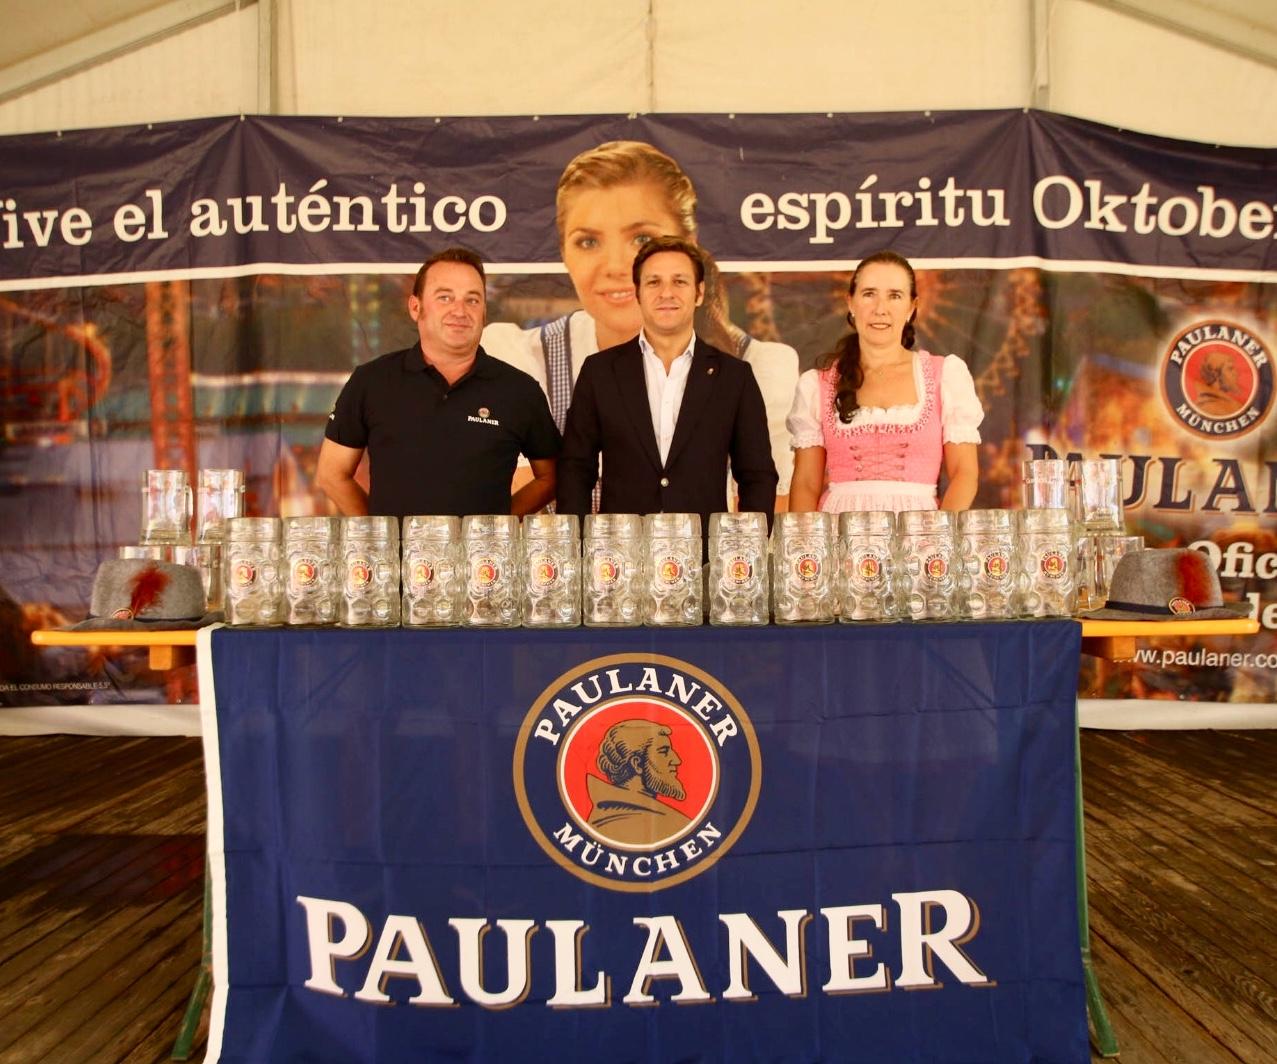 Gastronomía tradicional alemana en el Oktoberfest que se celebra este fin de semana en Roquetas de Mar